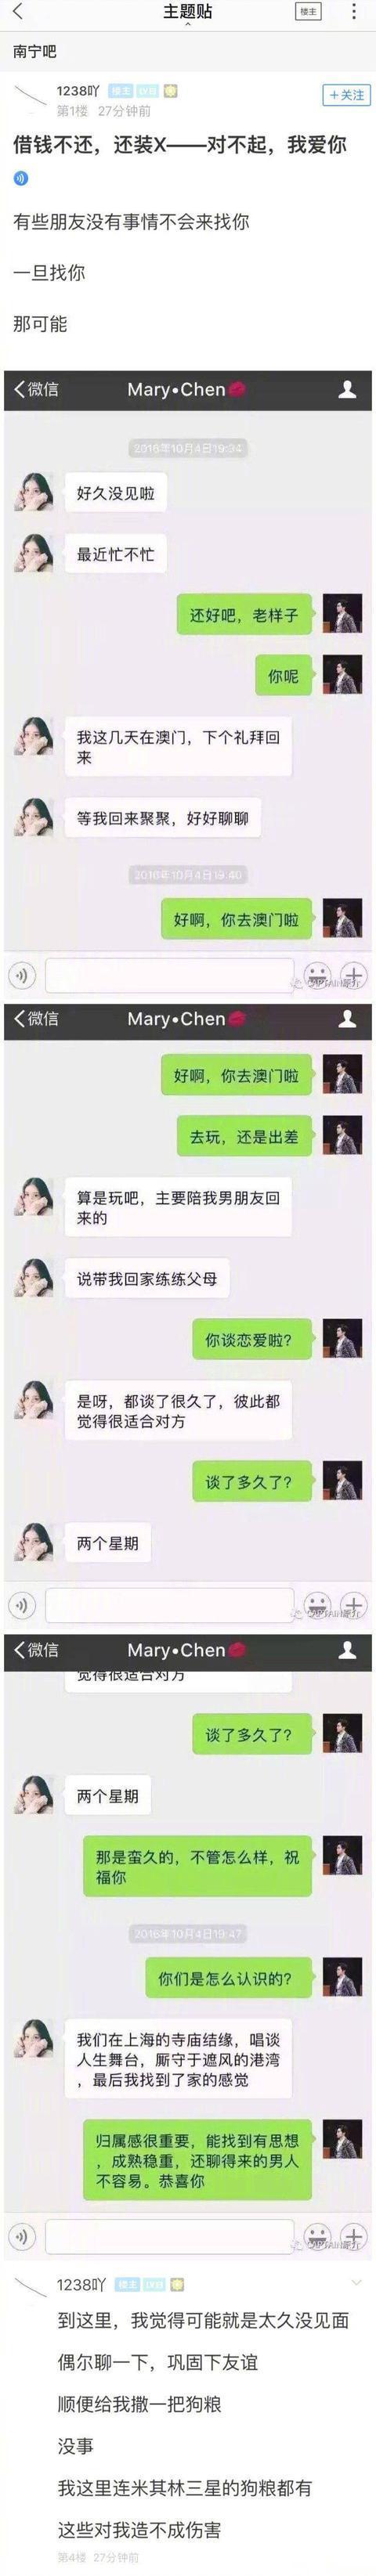 中国式借钱, 借钱容易还钱难